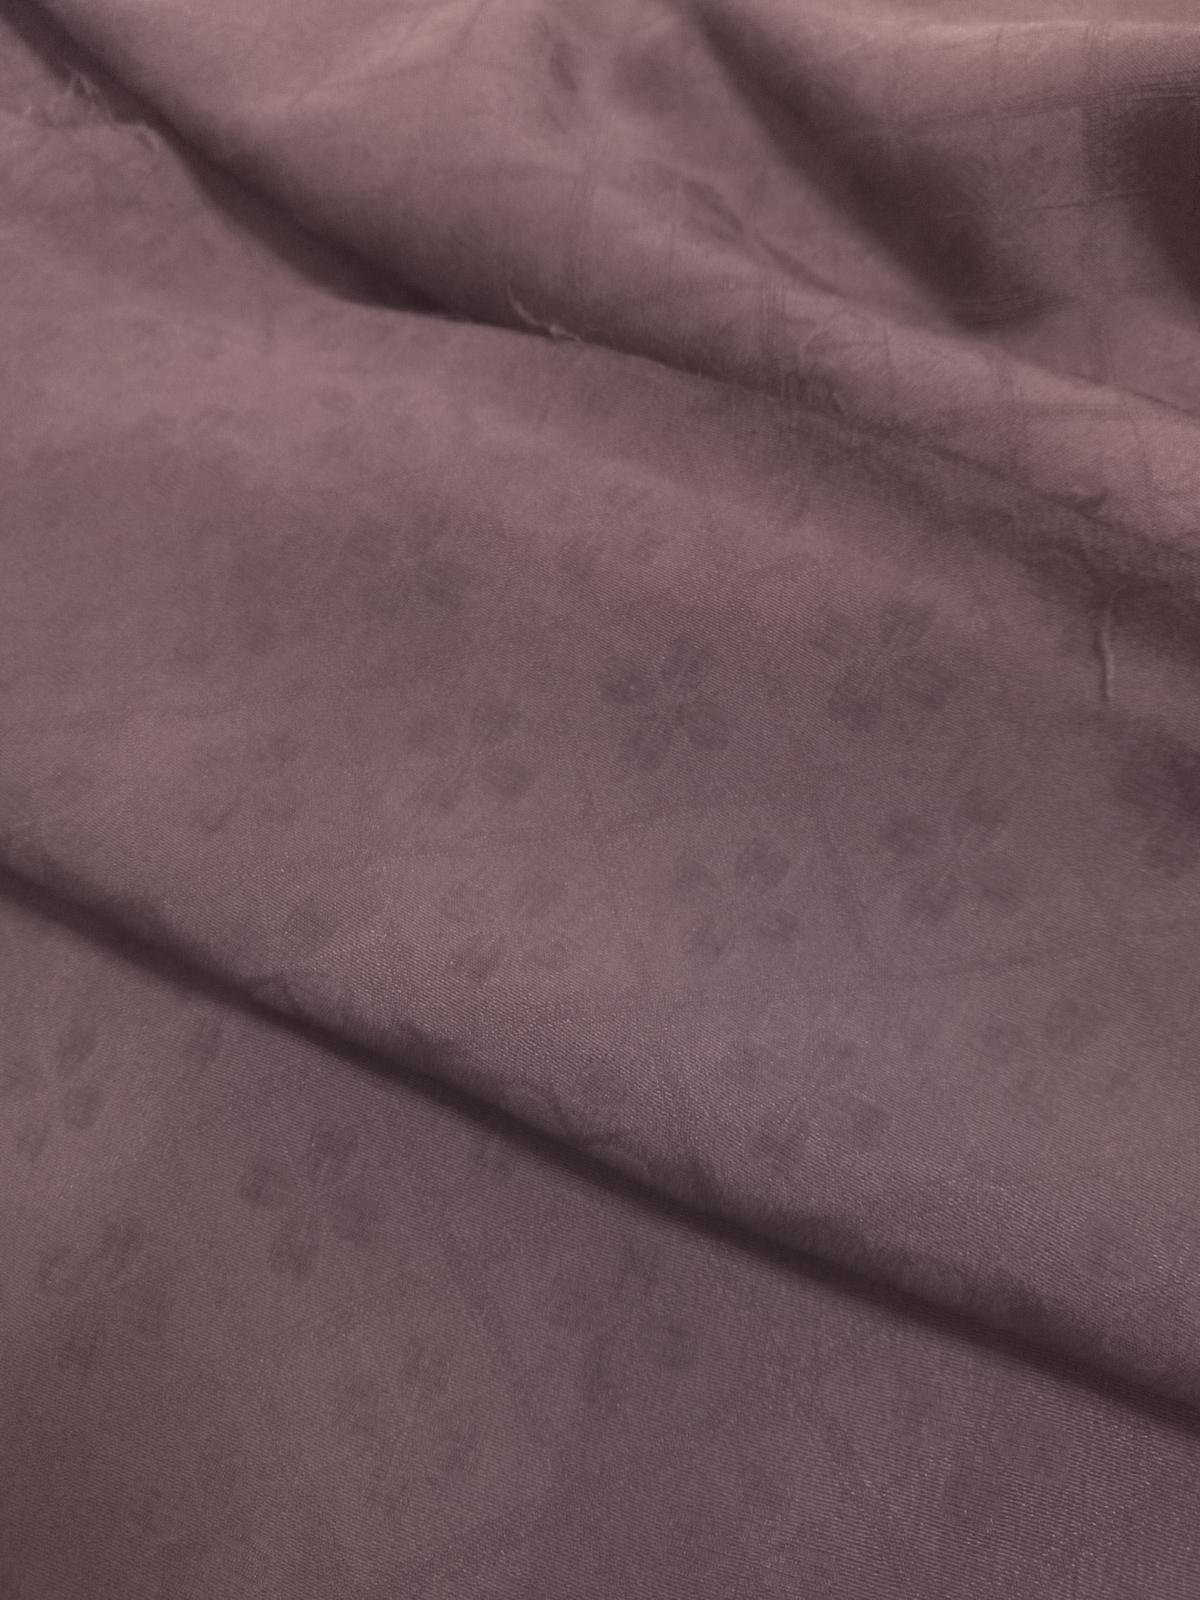 f:id:uribouwataru:20210627084811j:plain